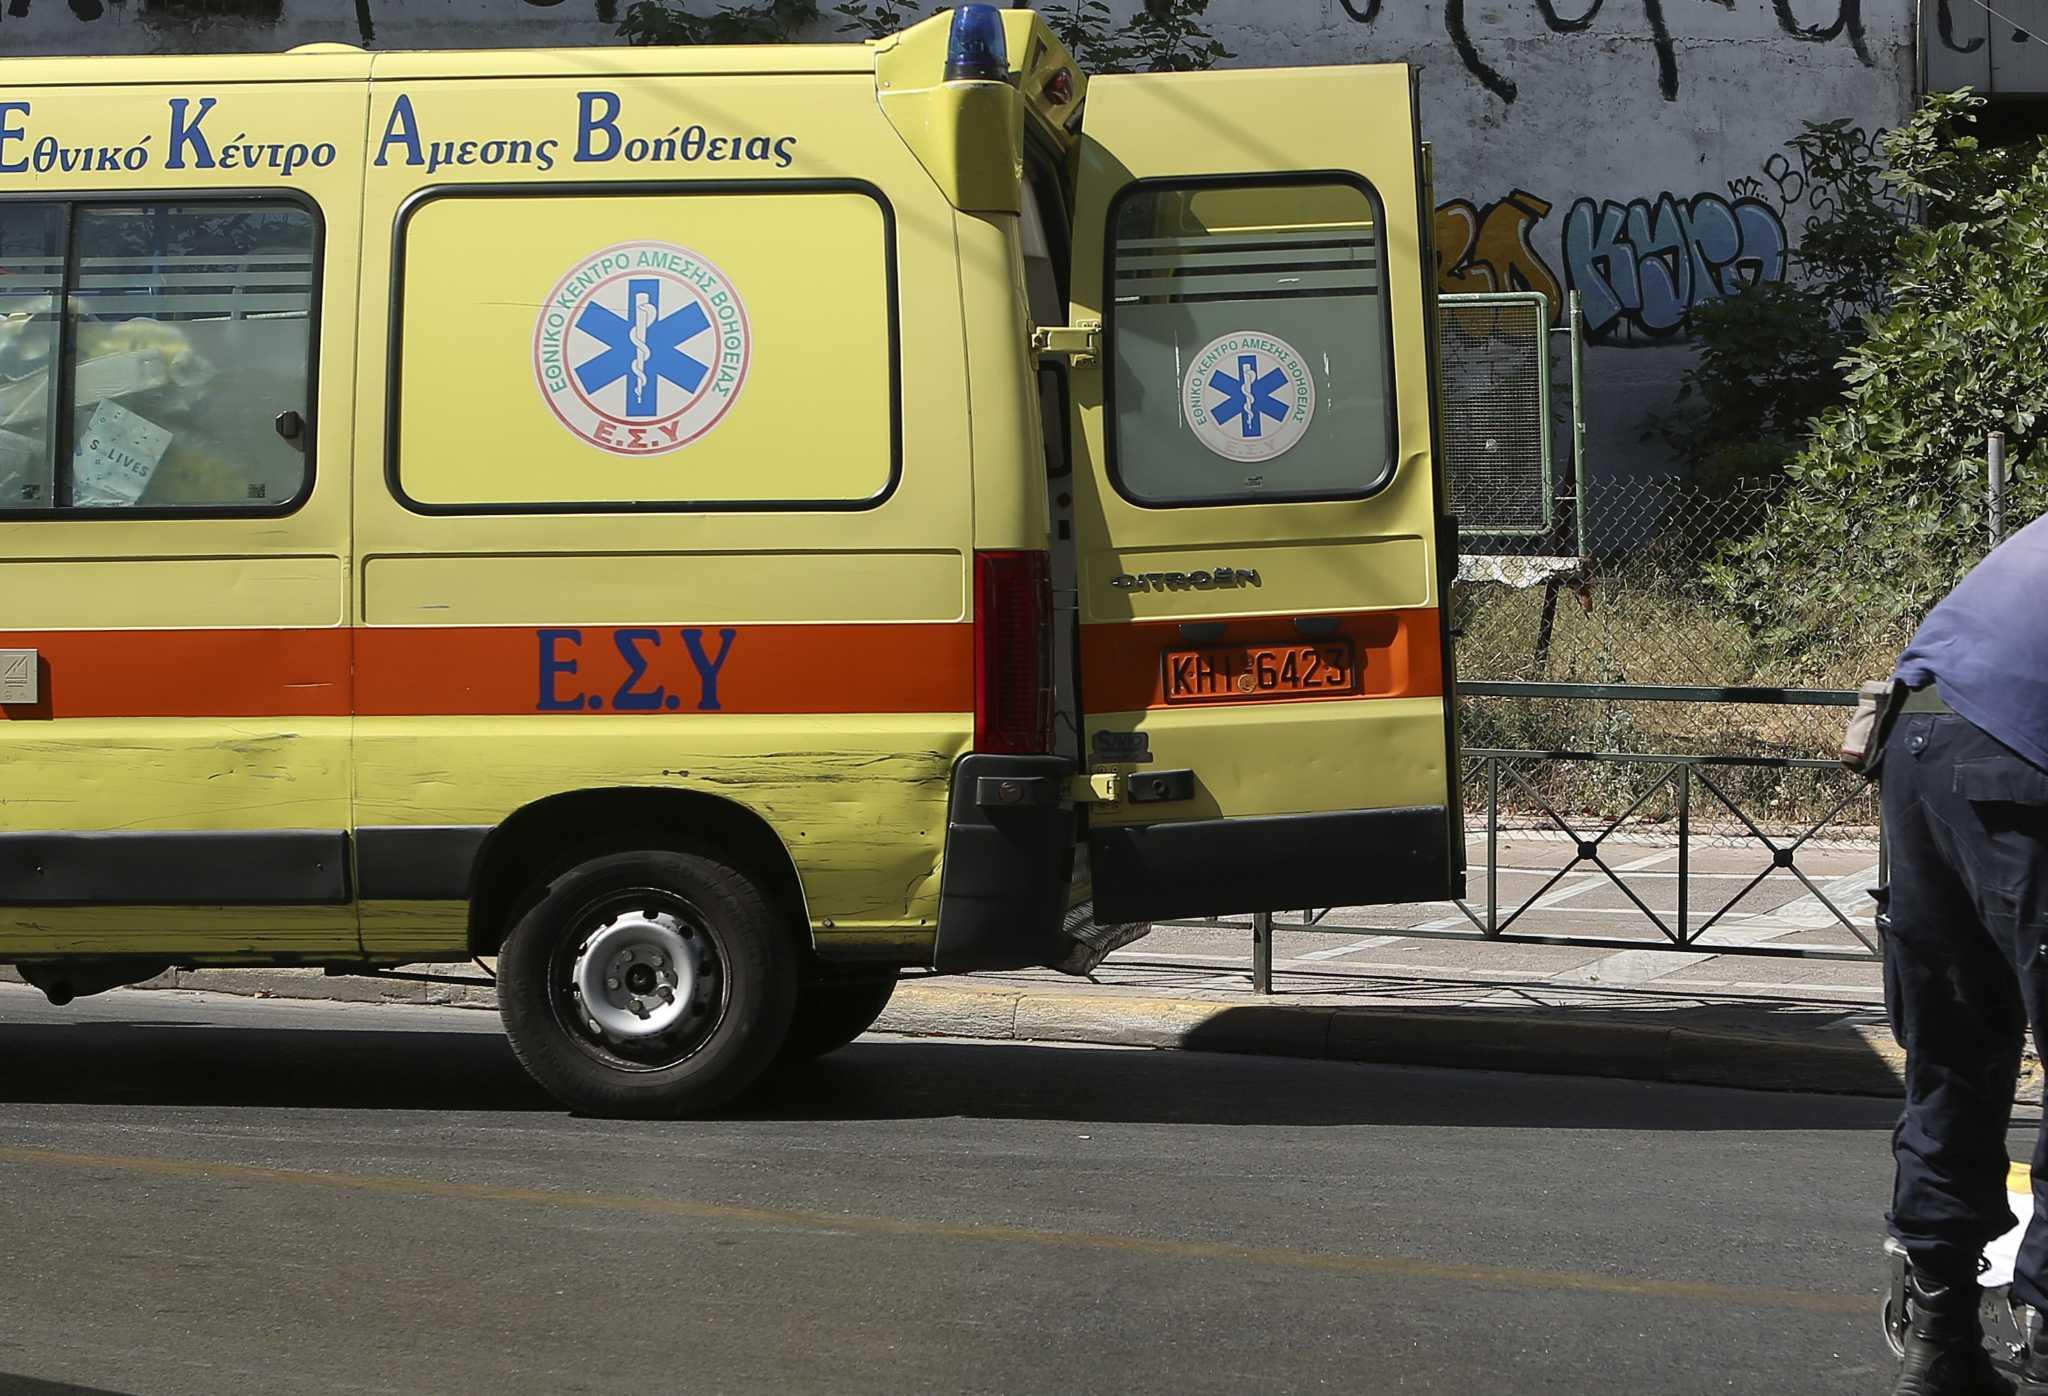 Τραγωδία στα Γιαννιτσά: 63χρονος έπεσε στο κενό από στέγη και σκοτώθηκε